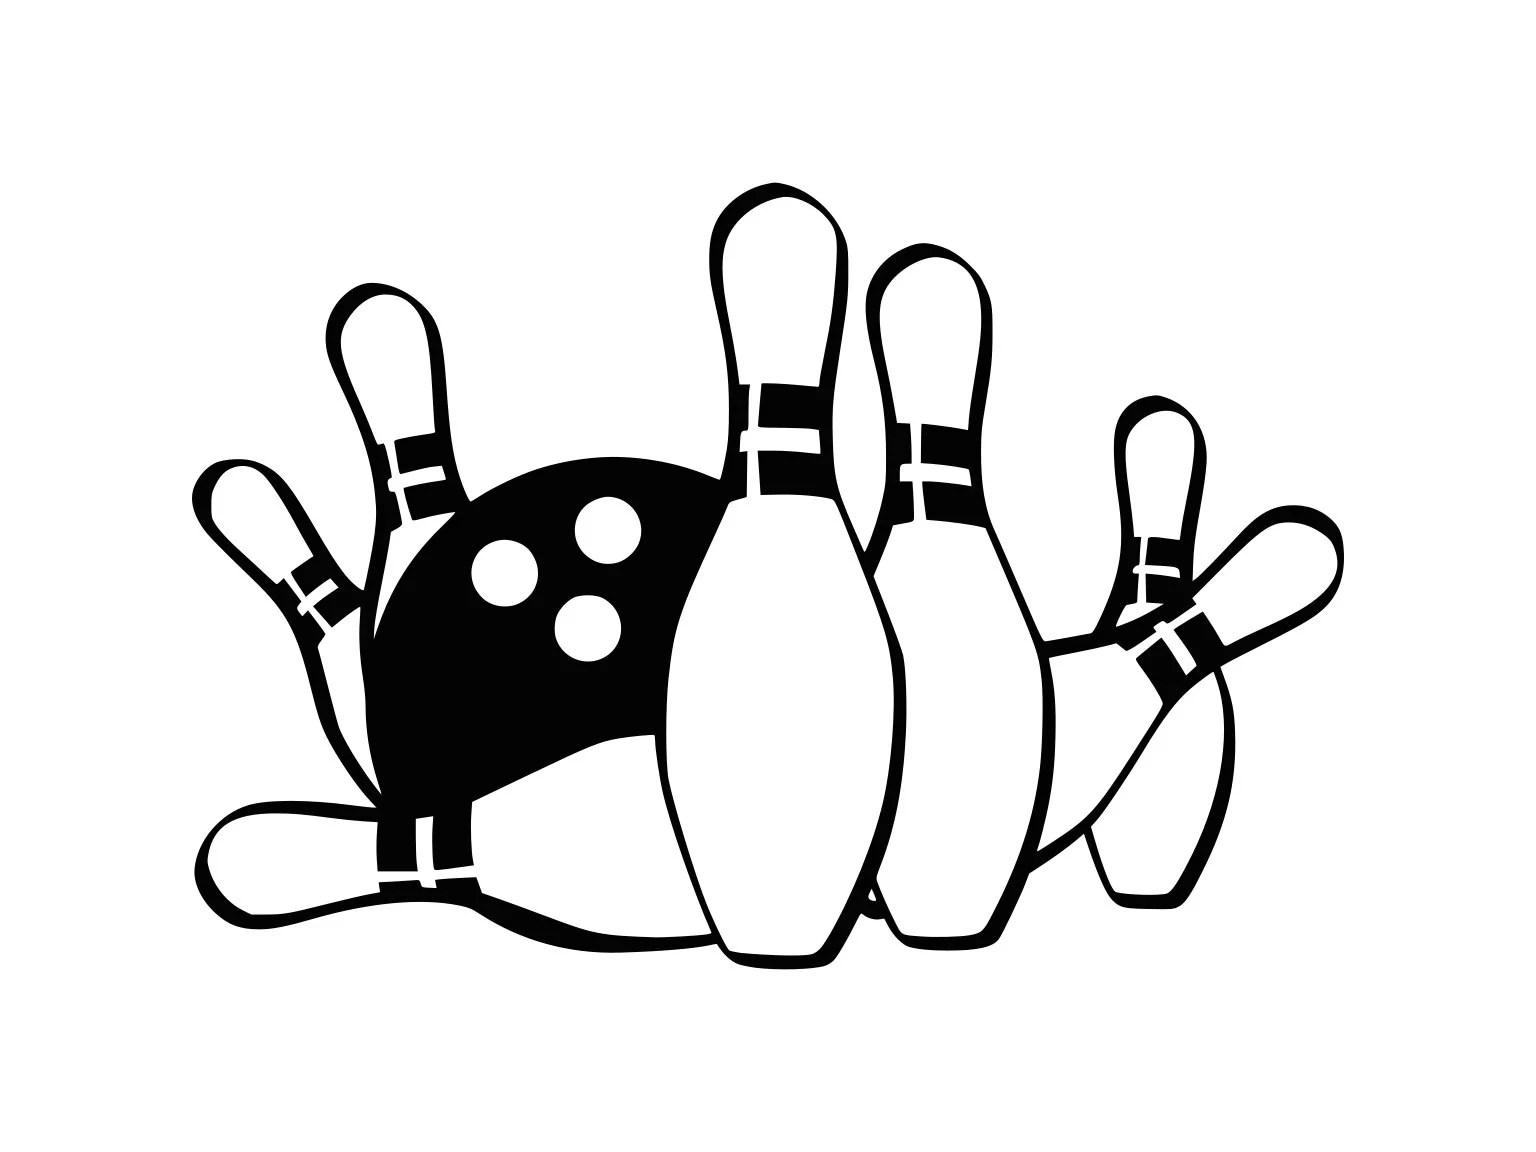 Svg Bowlingkugel Svg Bowling Clipart Bowling Geschnitten